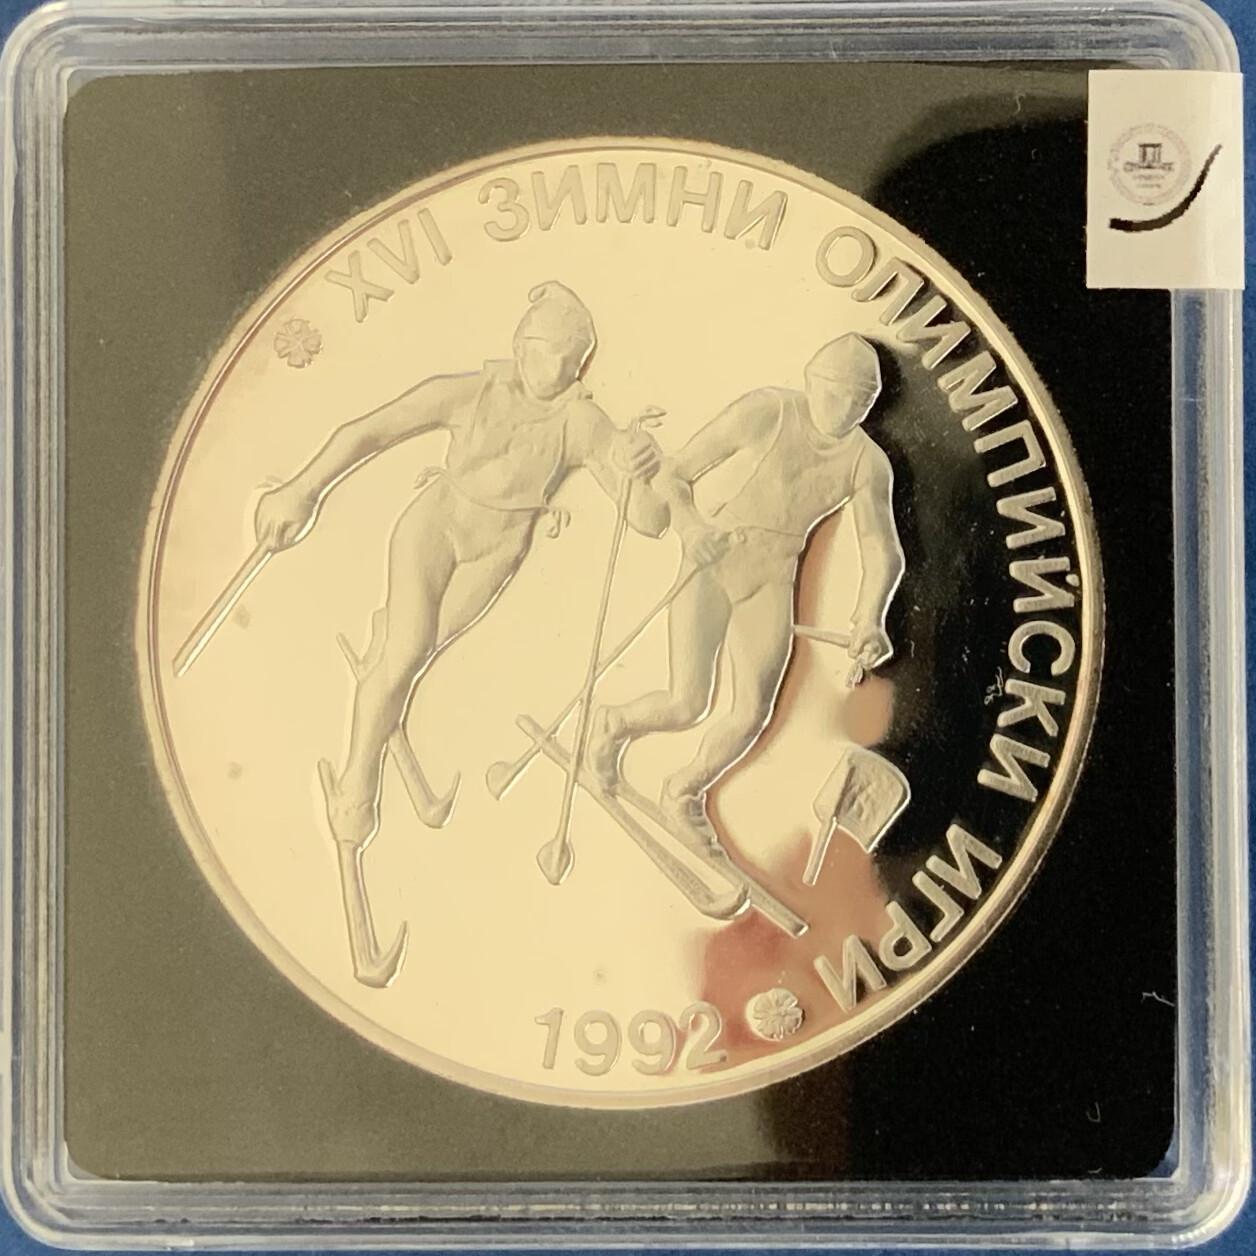 Bulgarien 25 Leva Olympische Sommerspiele 1992 in Albertsville